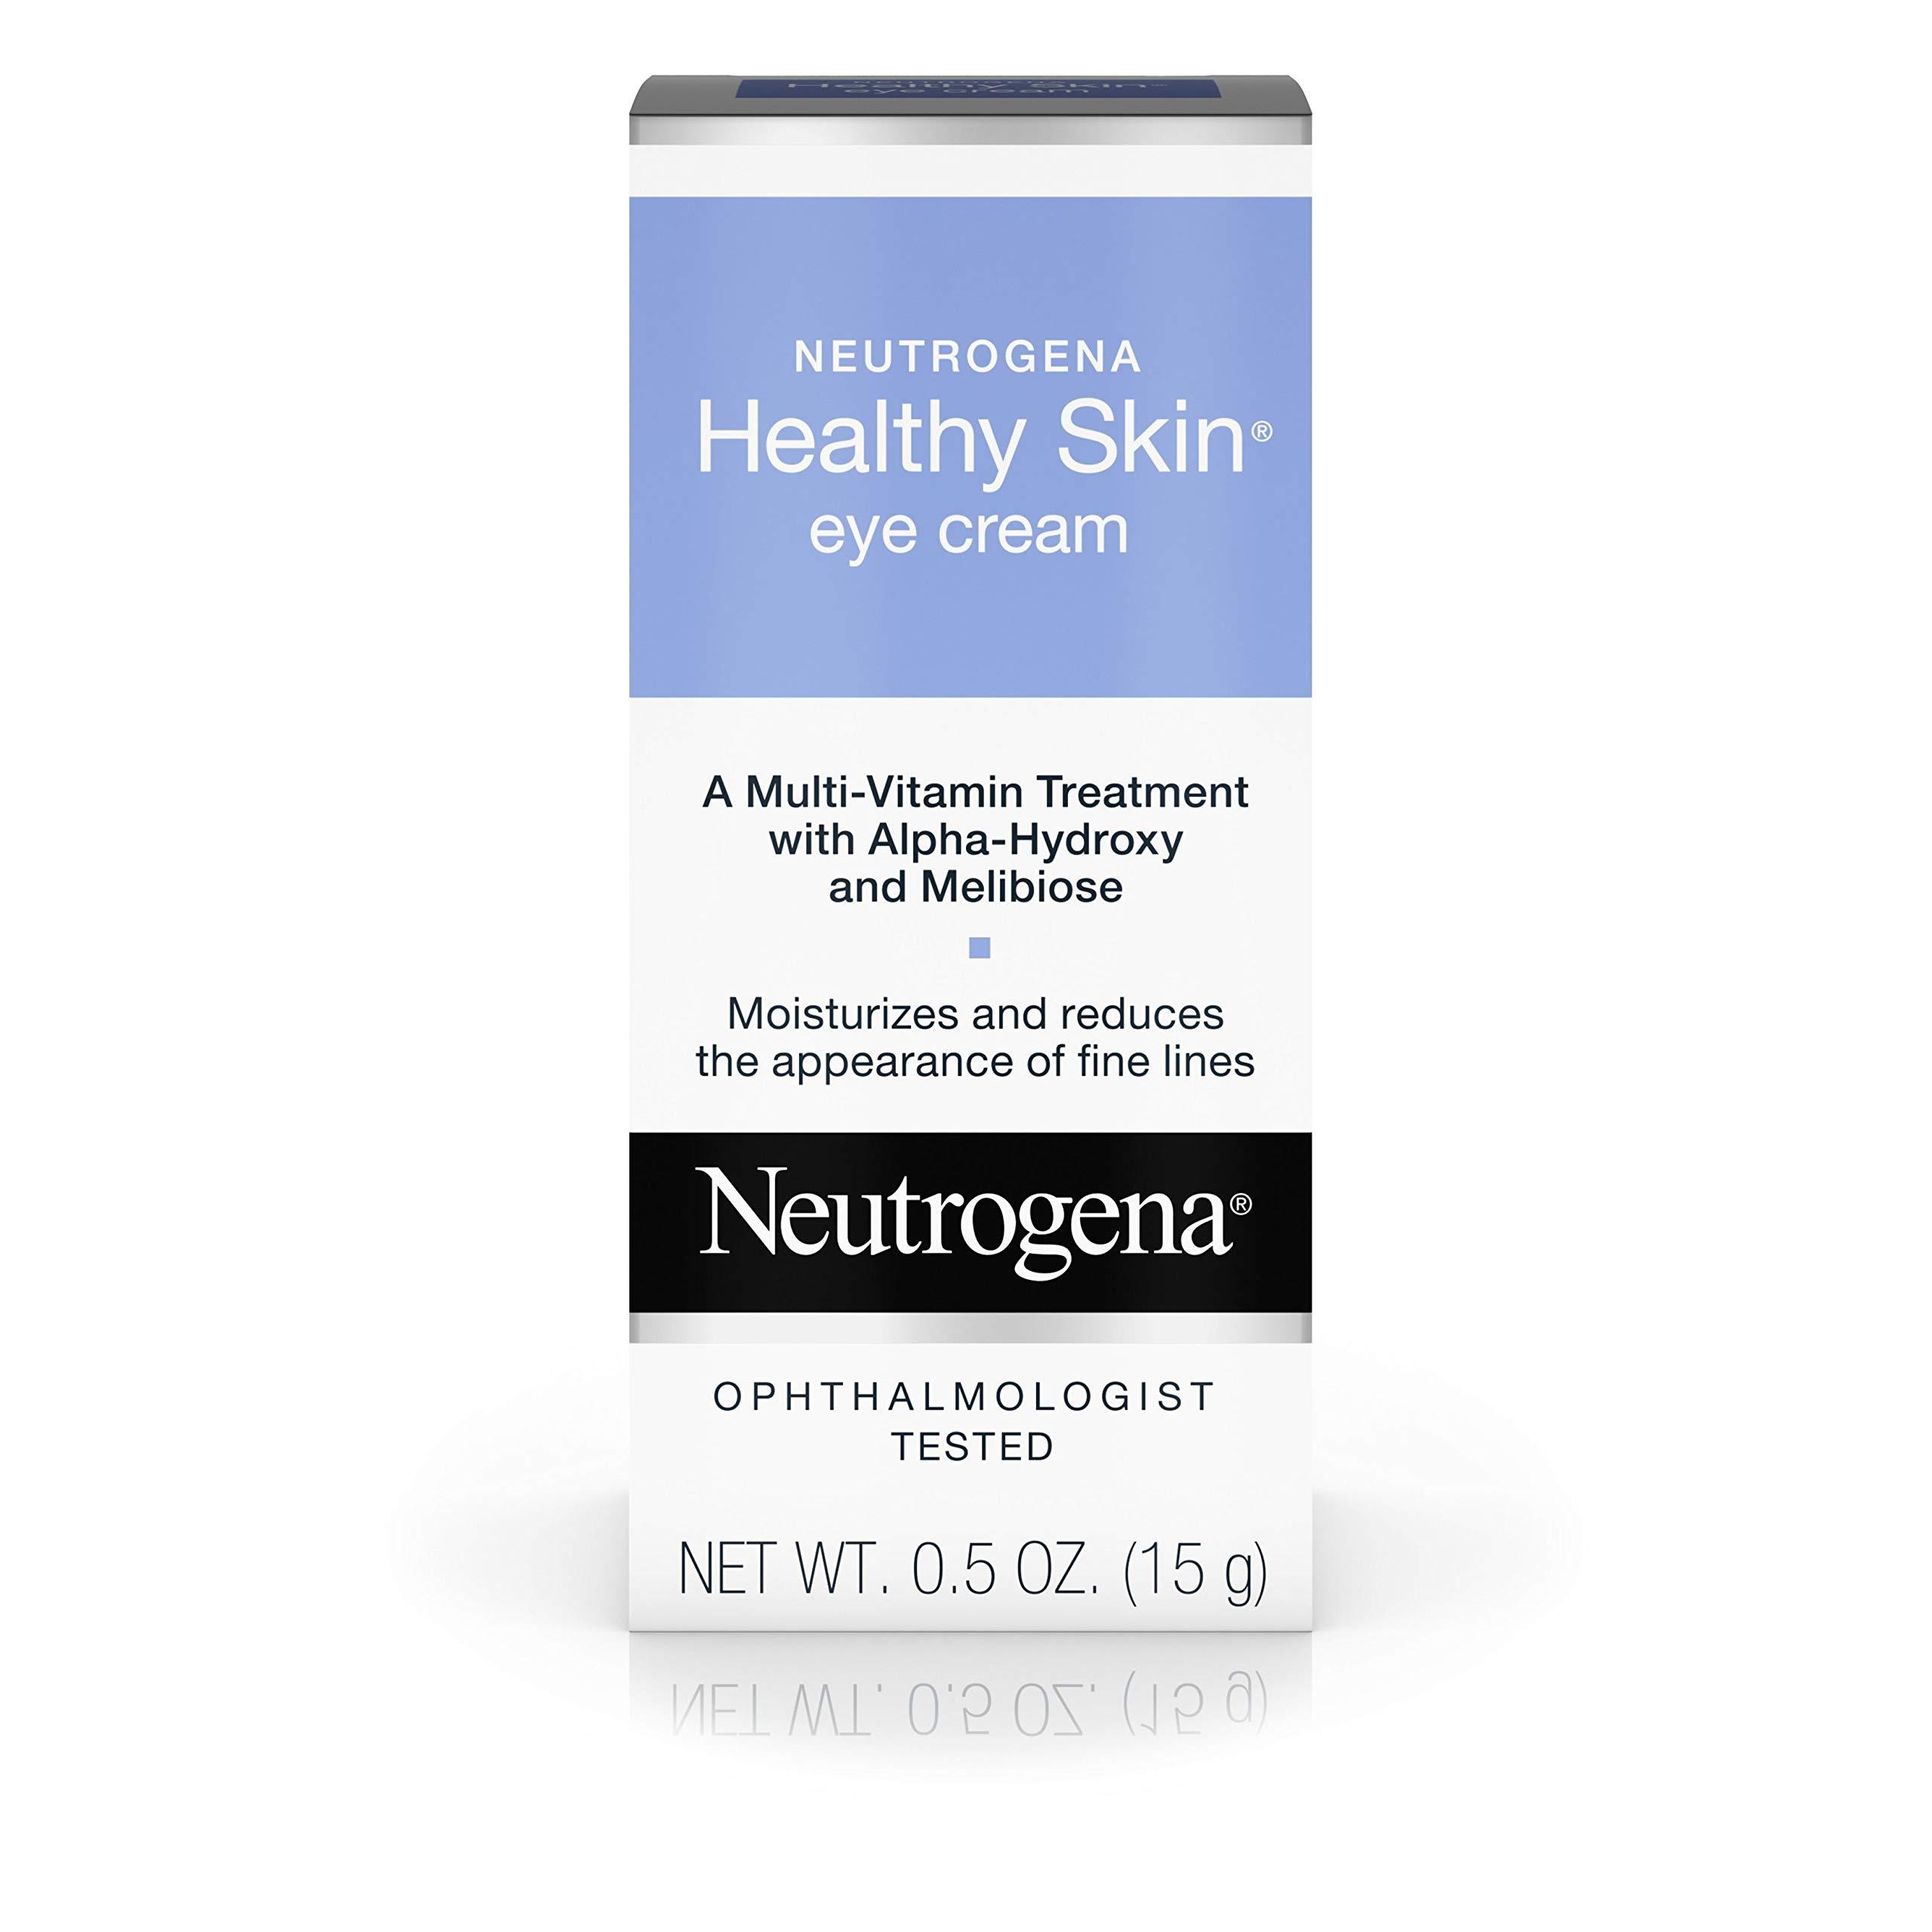 Neutrogena Healthy Skin Eye Firming Cream with Alpha Hydroxy Acid, Vitamin A & Vitamin B5 - Eye Cream for Wrinkles with Glycerin, Glycolic Acid, Alpha Hydroxy, Vitamin A, Vitamin B5, Vitamin C, 0.5 oz by Neutrogena